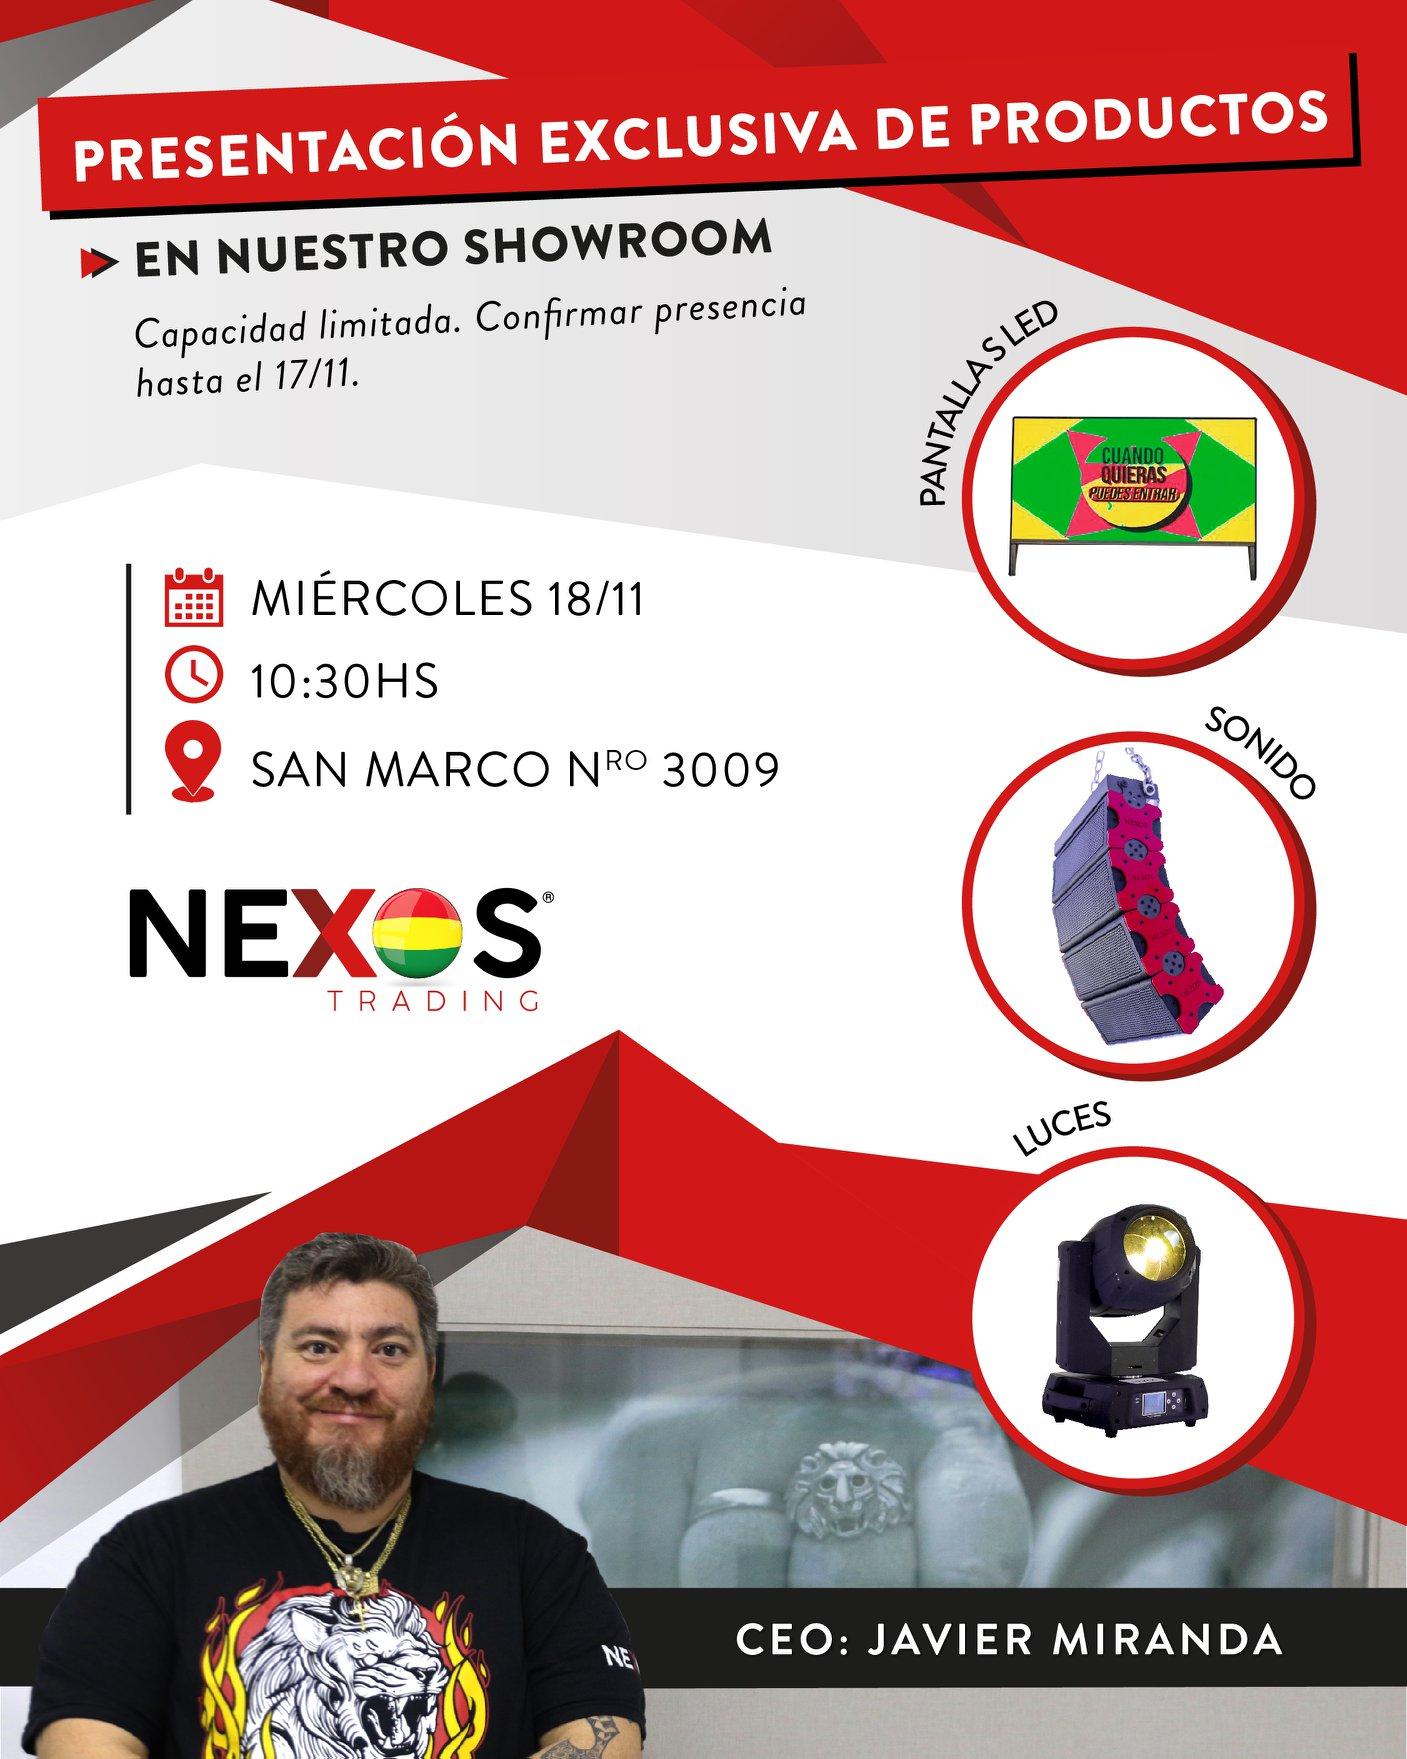 Presentación exclusiva de productos.